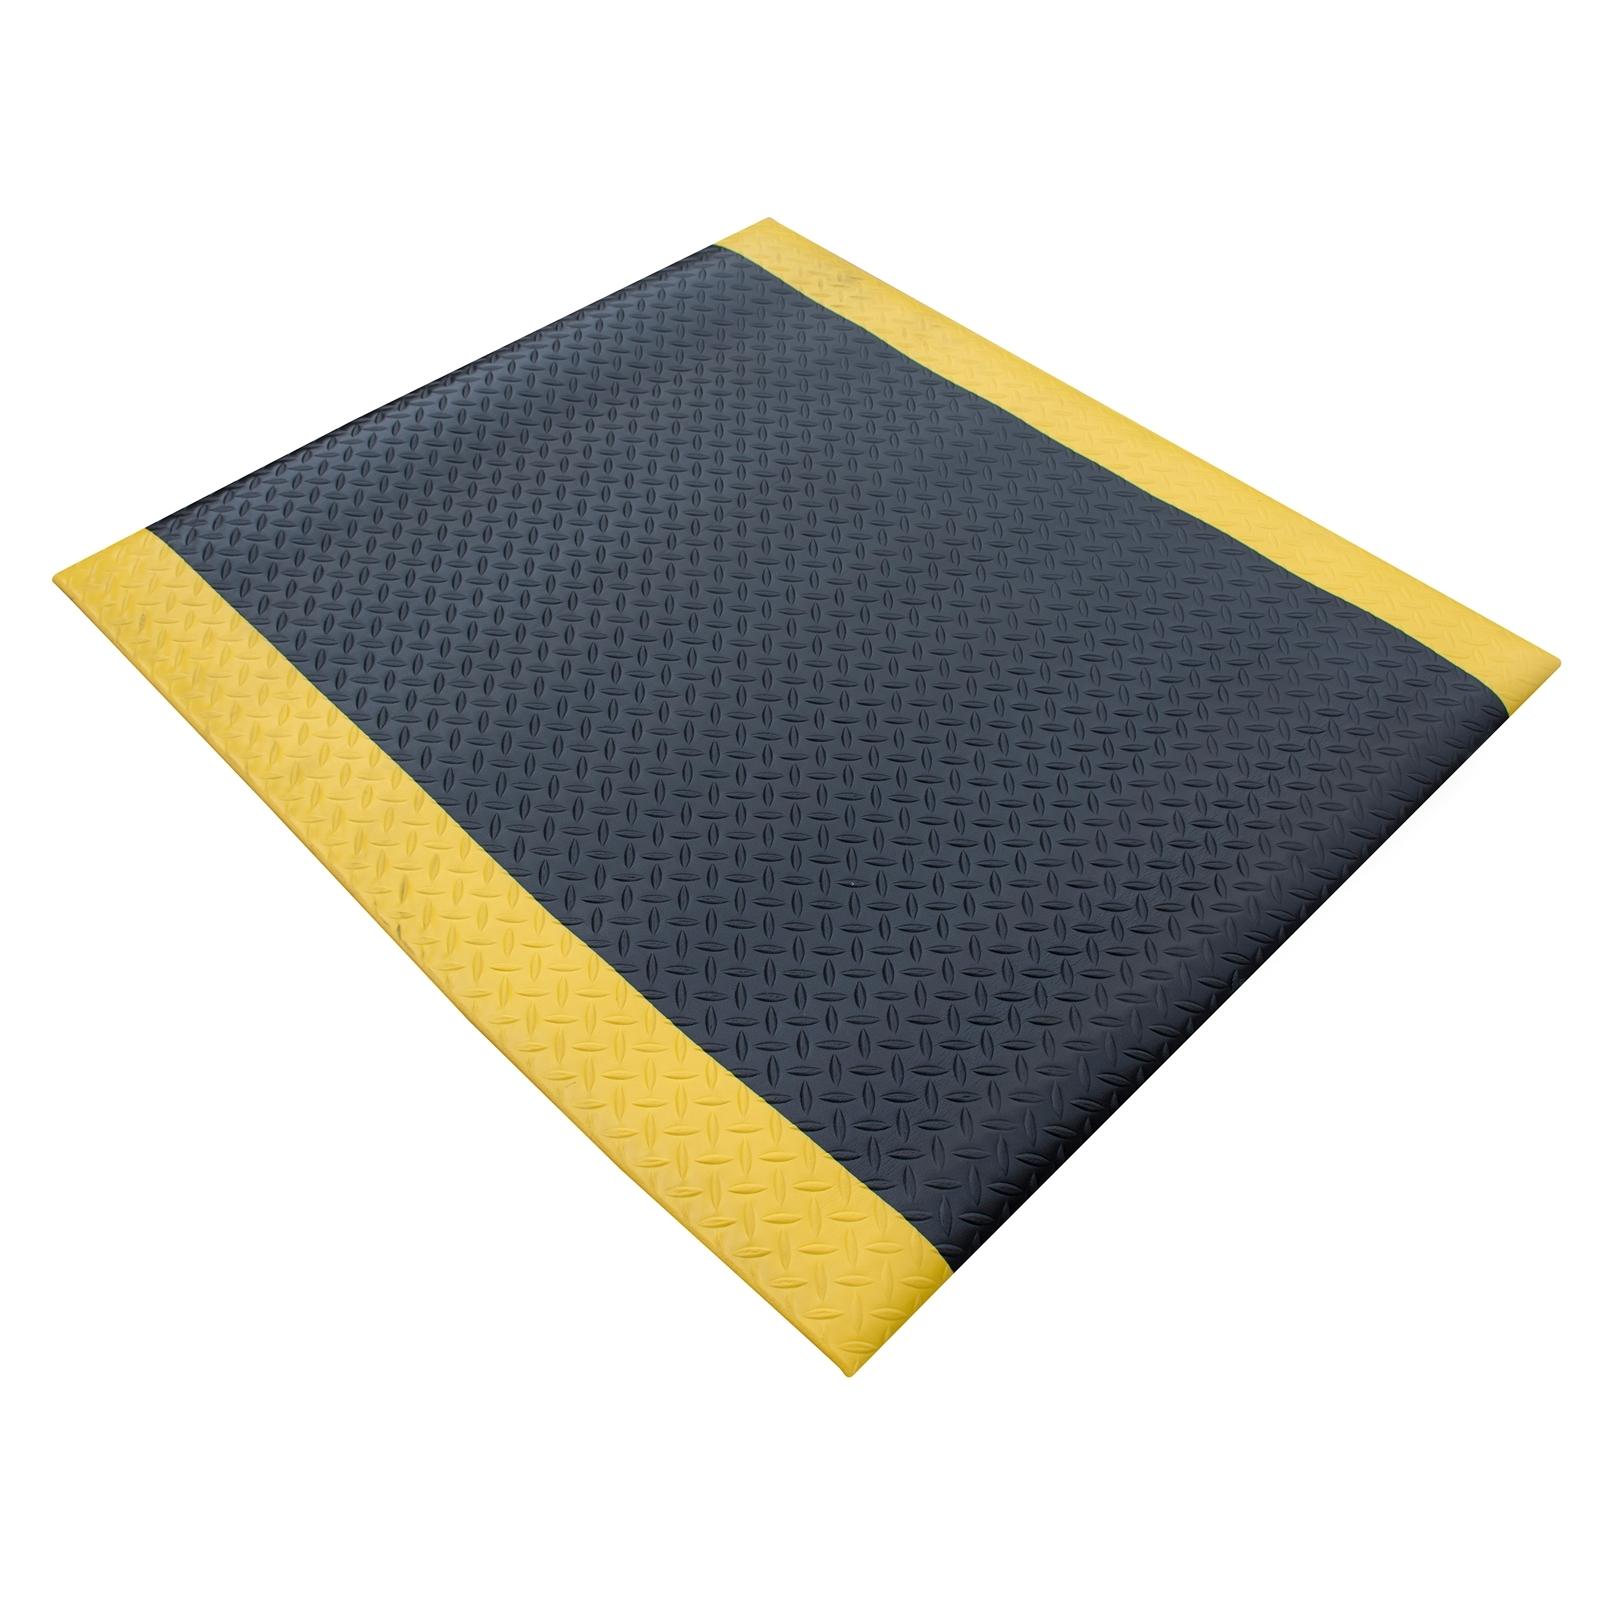 Matpro 90 x 120cm Safety Soft Foot Mat Yellow Border